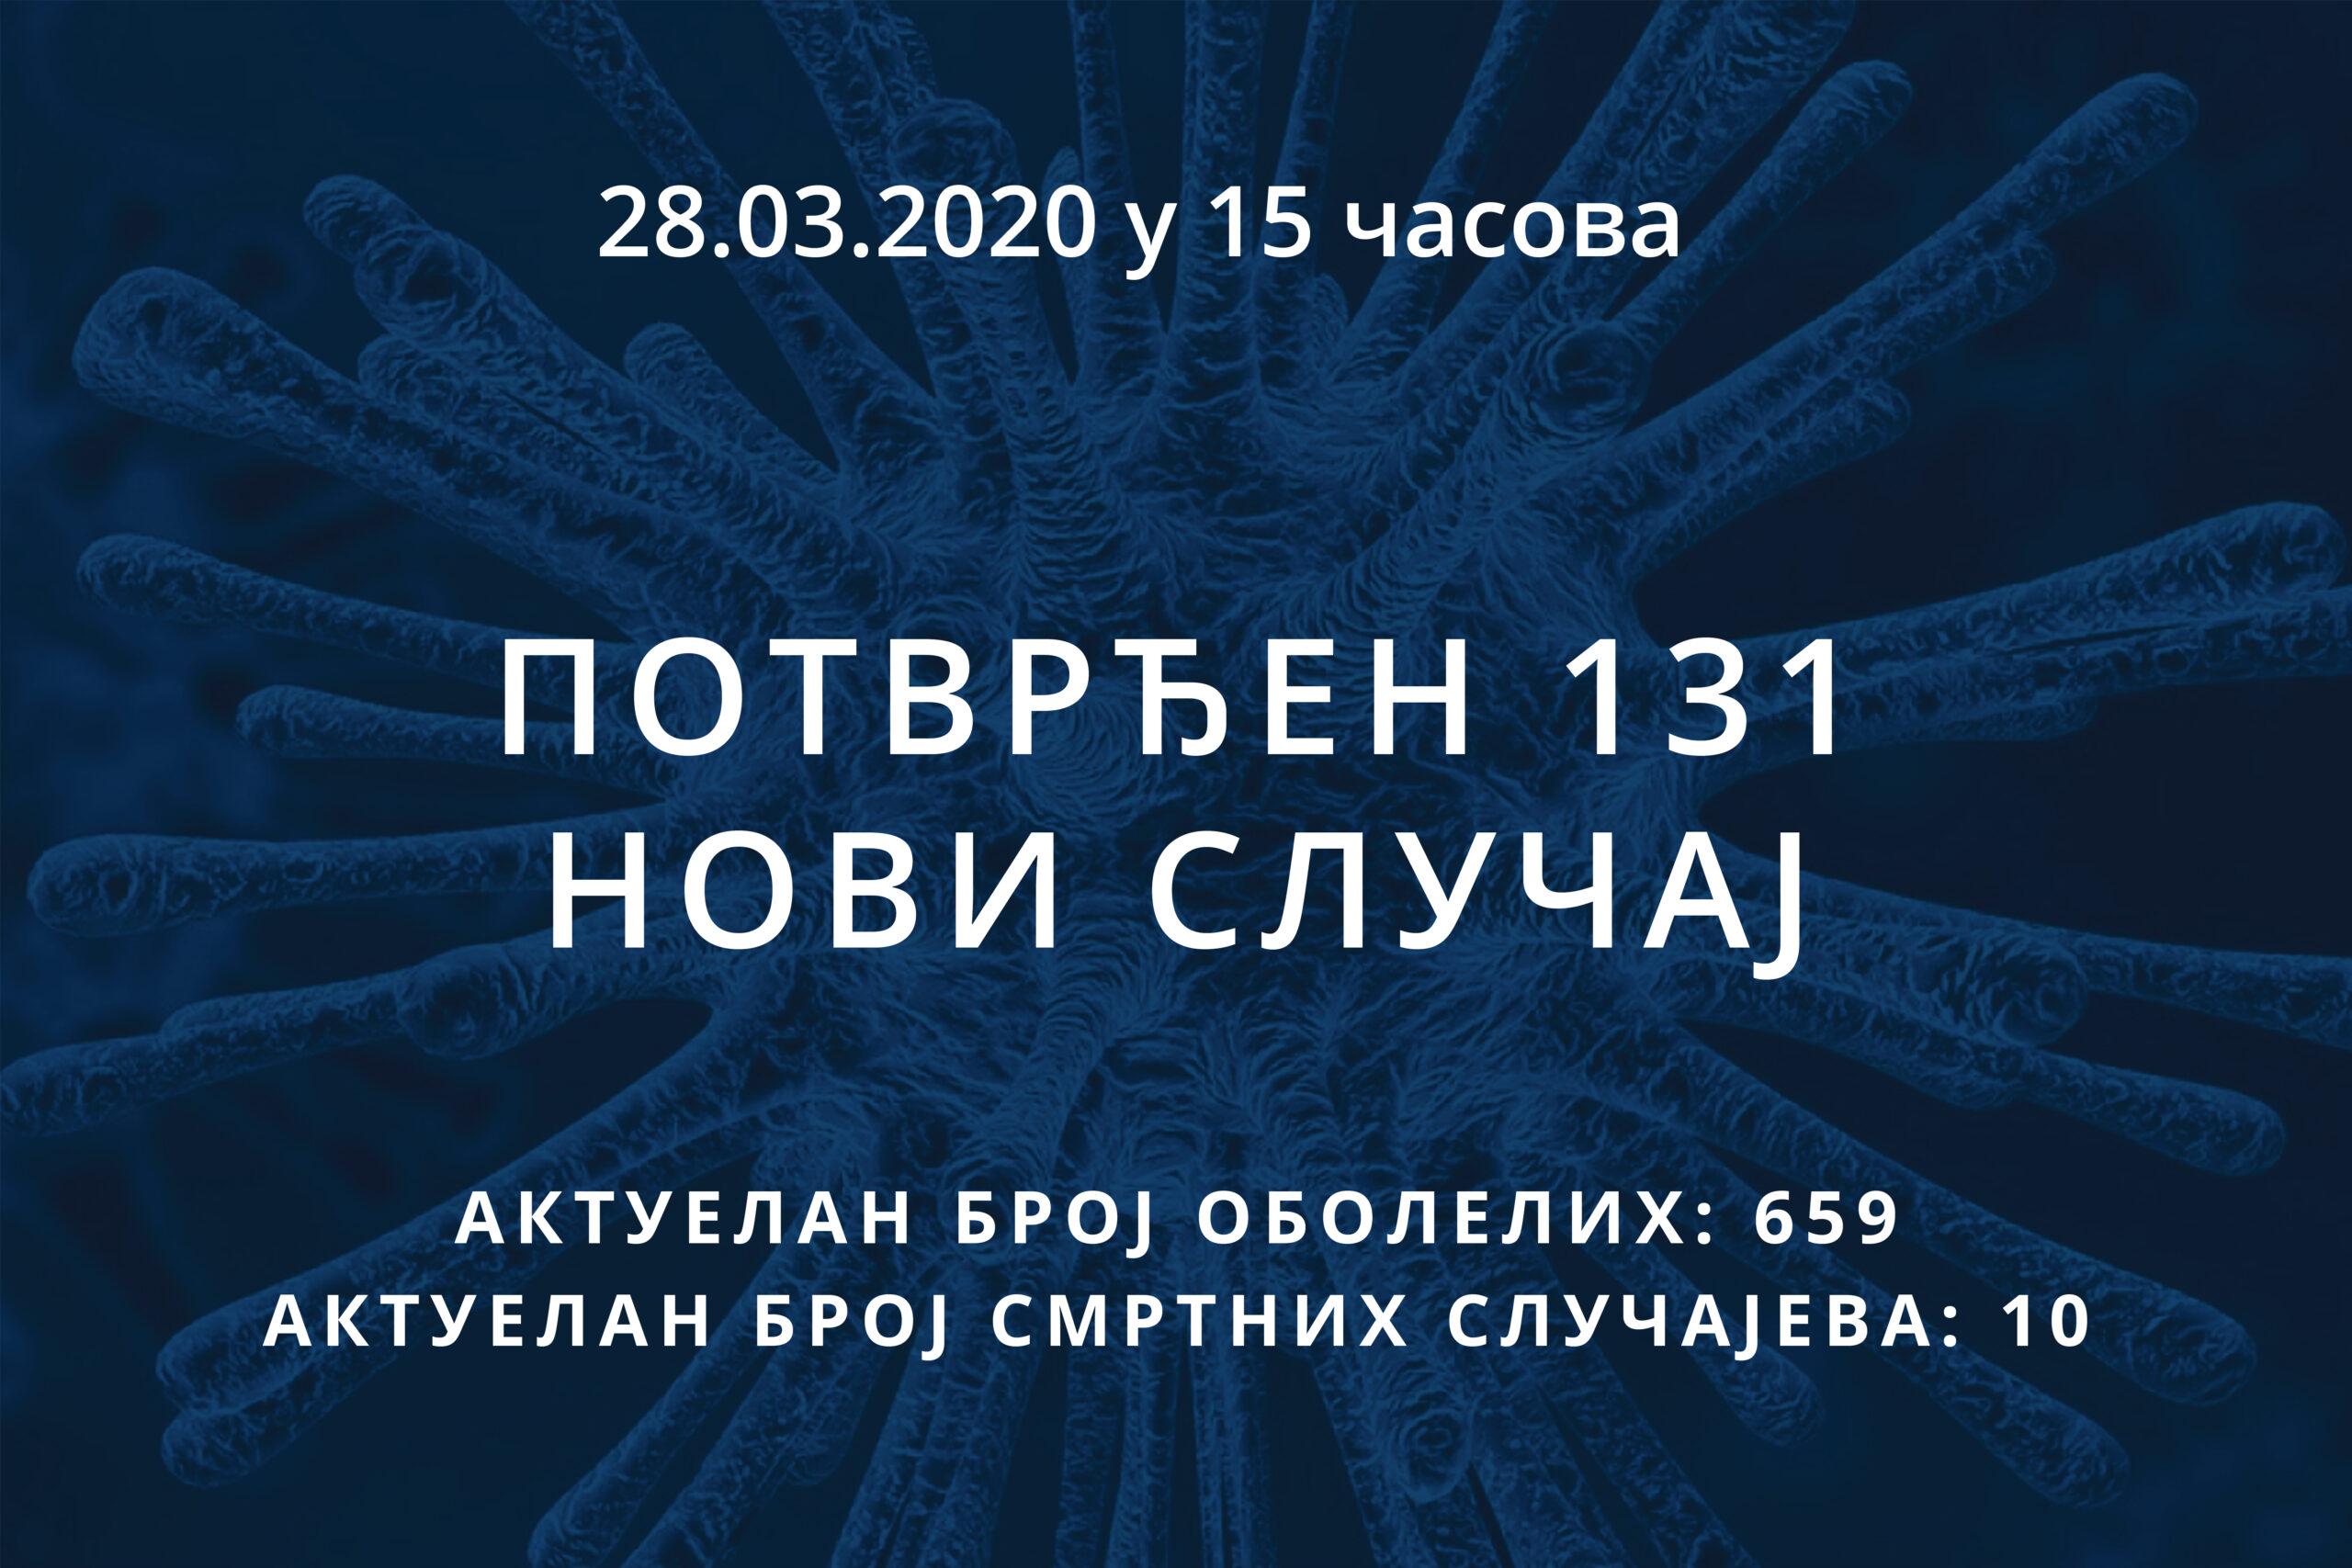 Информације о корона вирусу COVID-19, 28.03.2020 у 15 часова